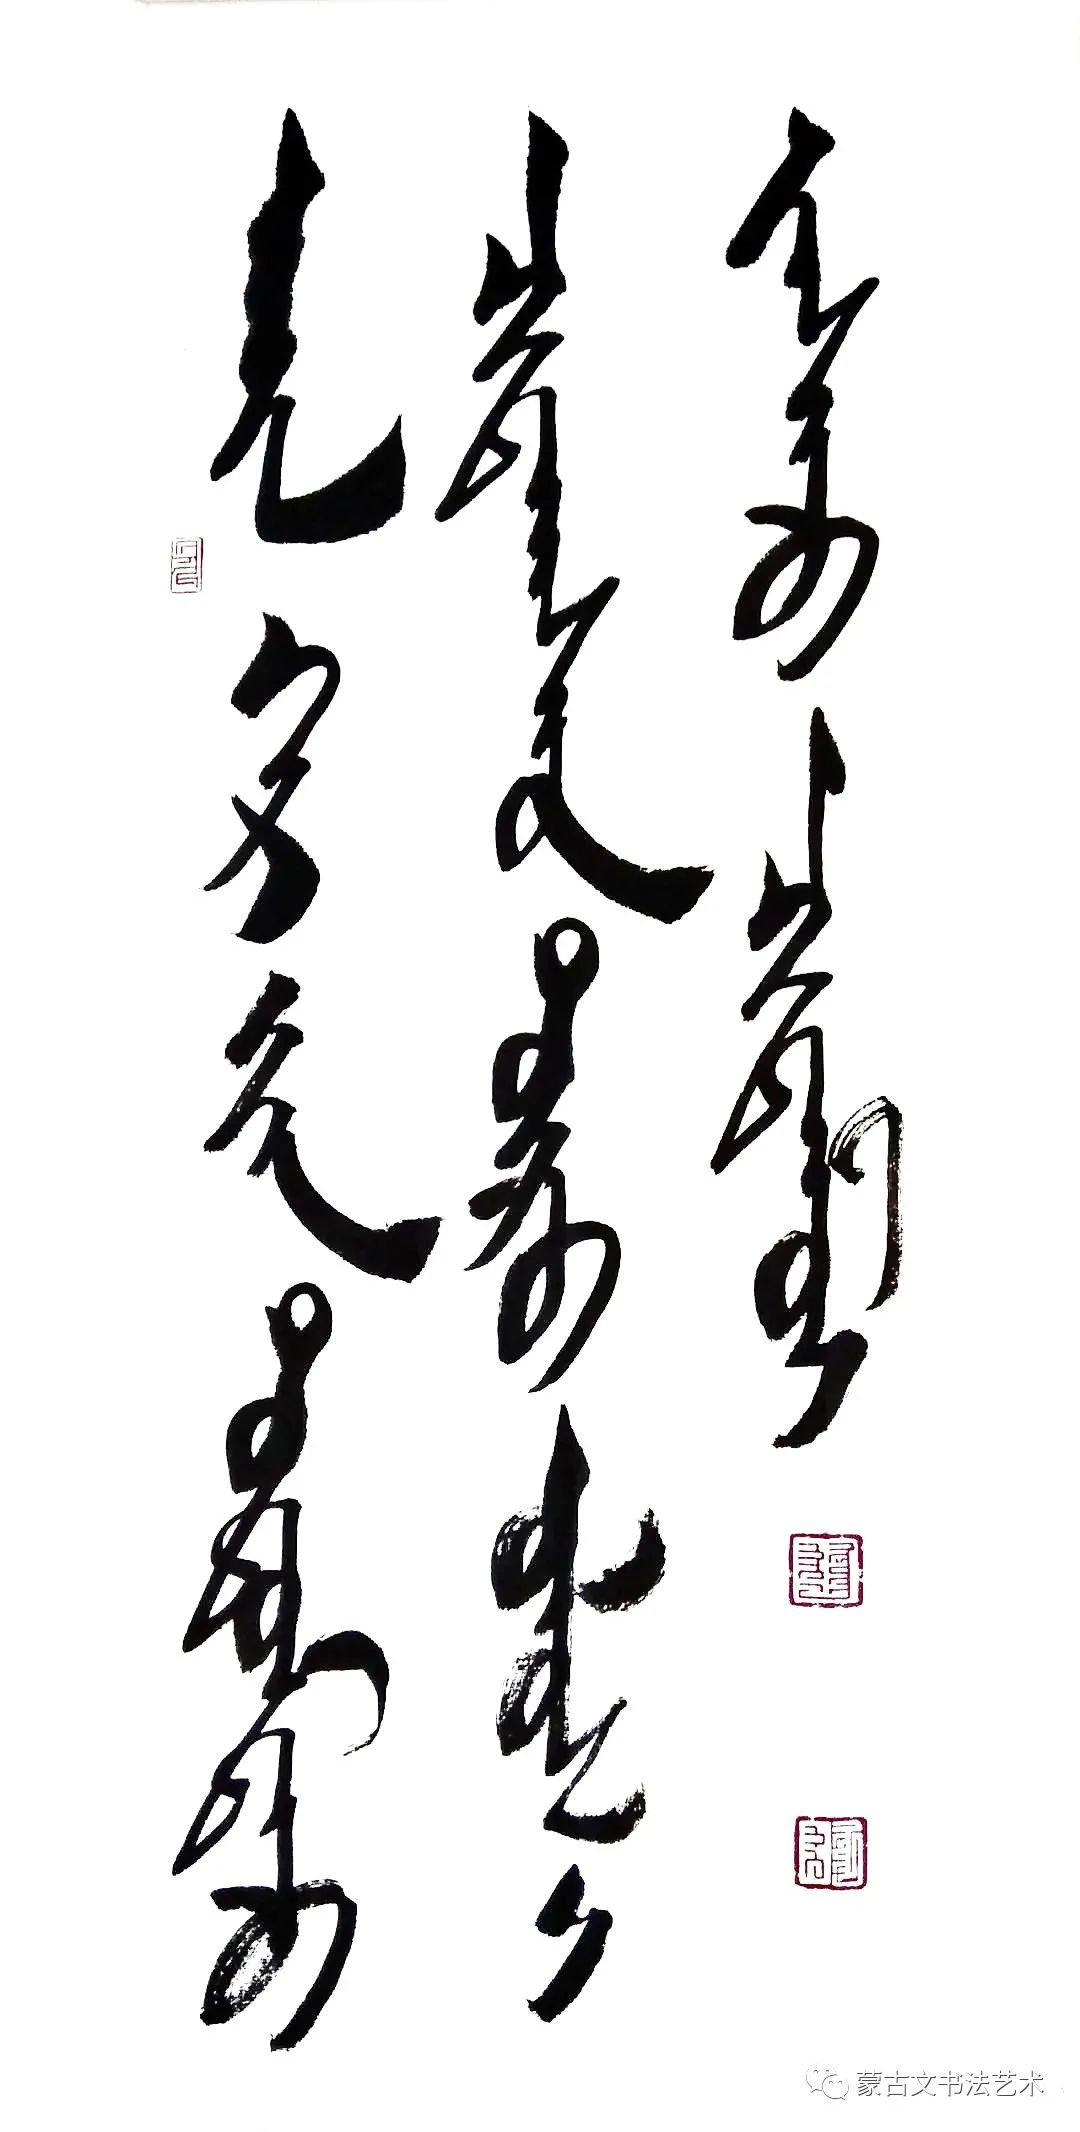 海雄蒙古文书法作品(二) 第24张